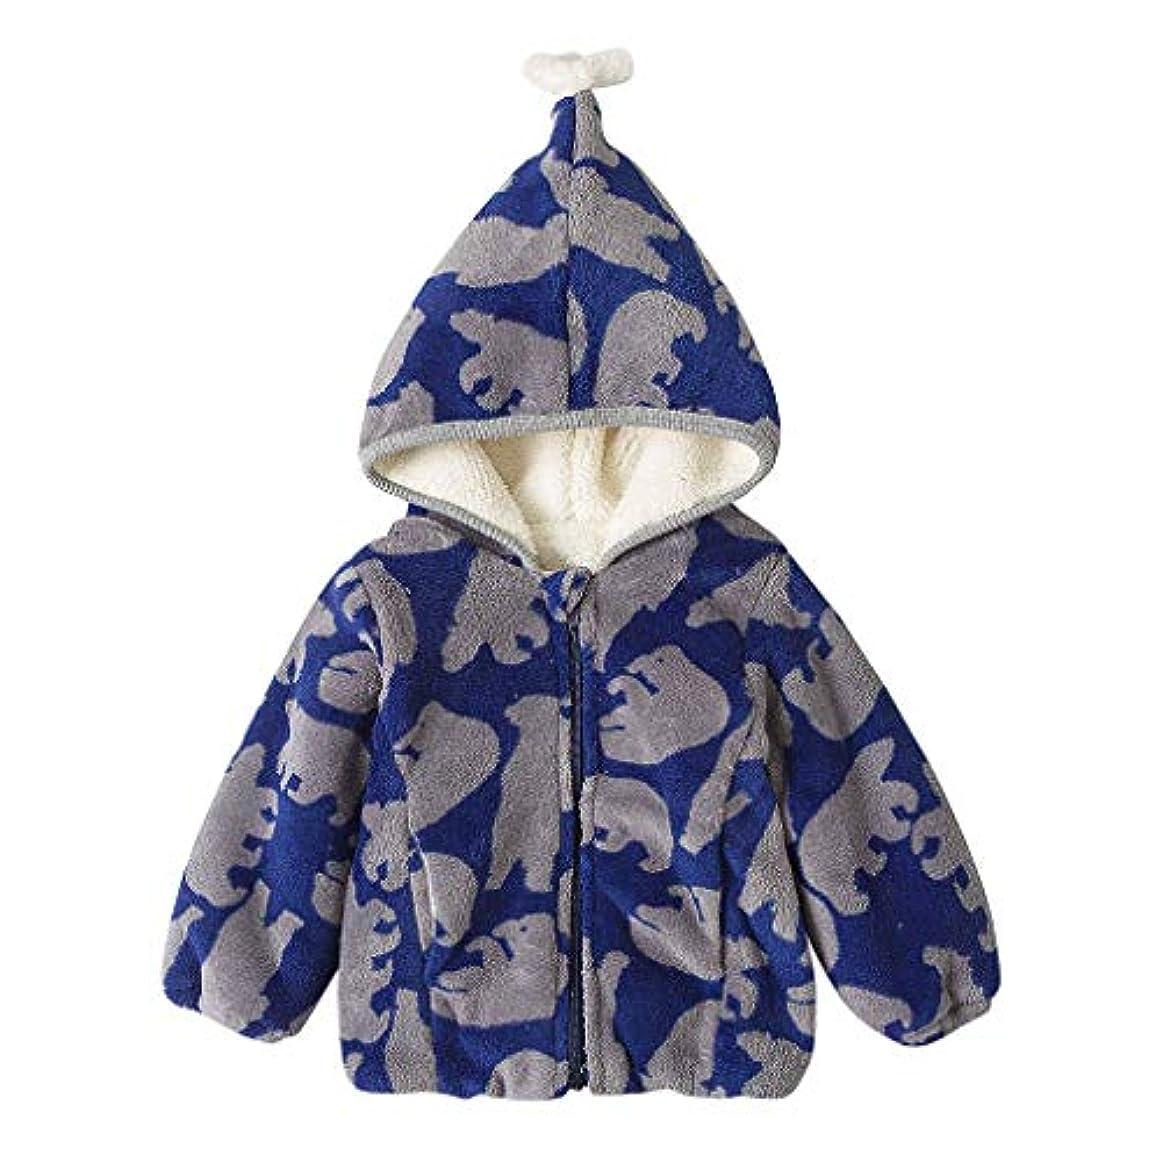 黙認する流星大宇宙かわいい柄あたたかい男の子女の子赤ちゃん冬コートジャケット子供ジップ厚いスノースーツパーカーオーバーコート屋外かわいいルースソフト快適なブラウストップス